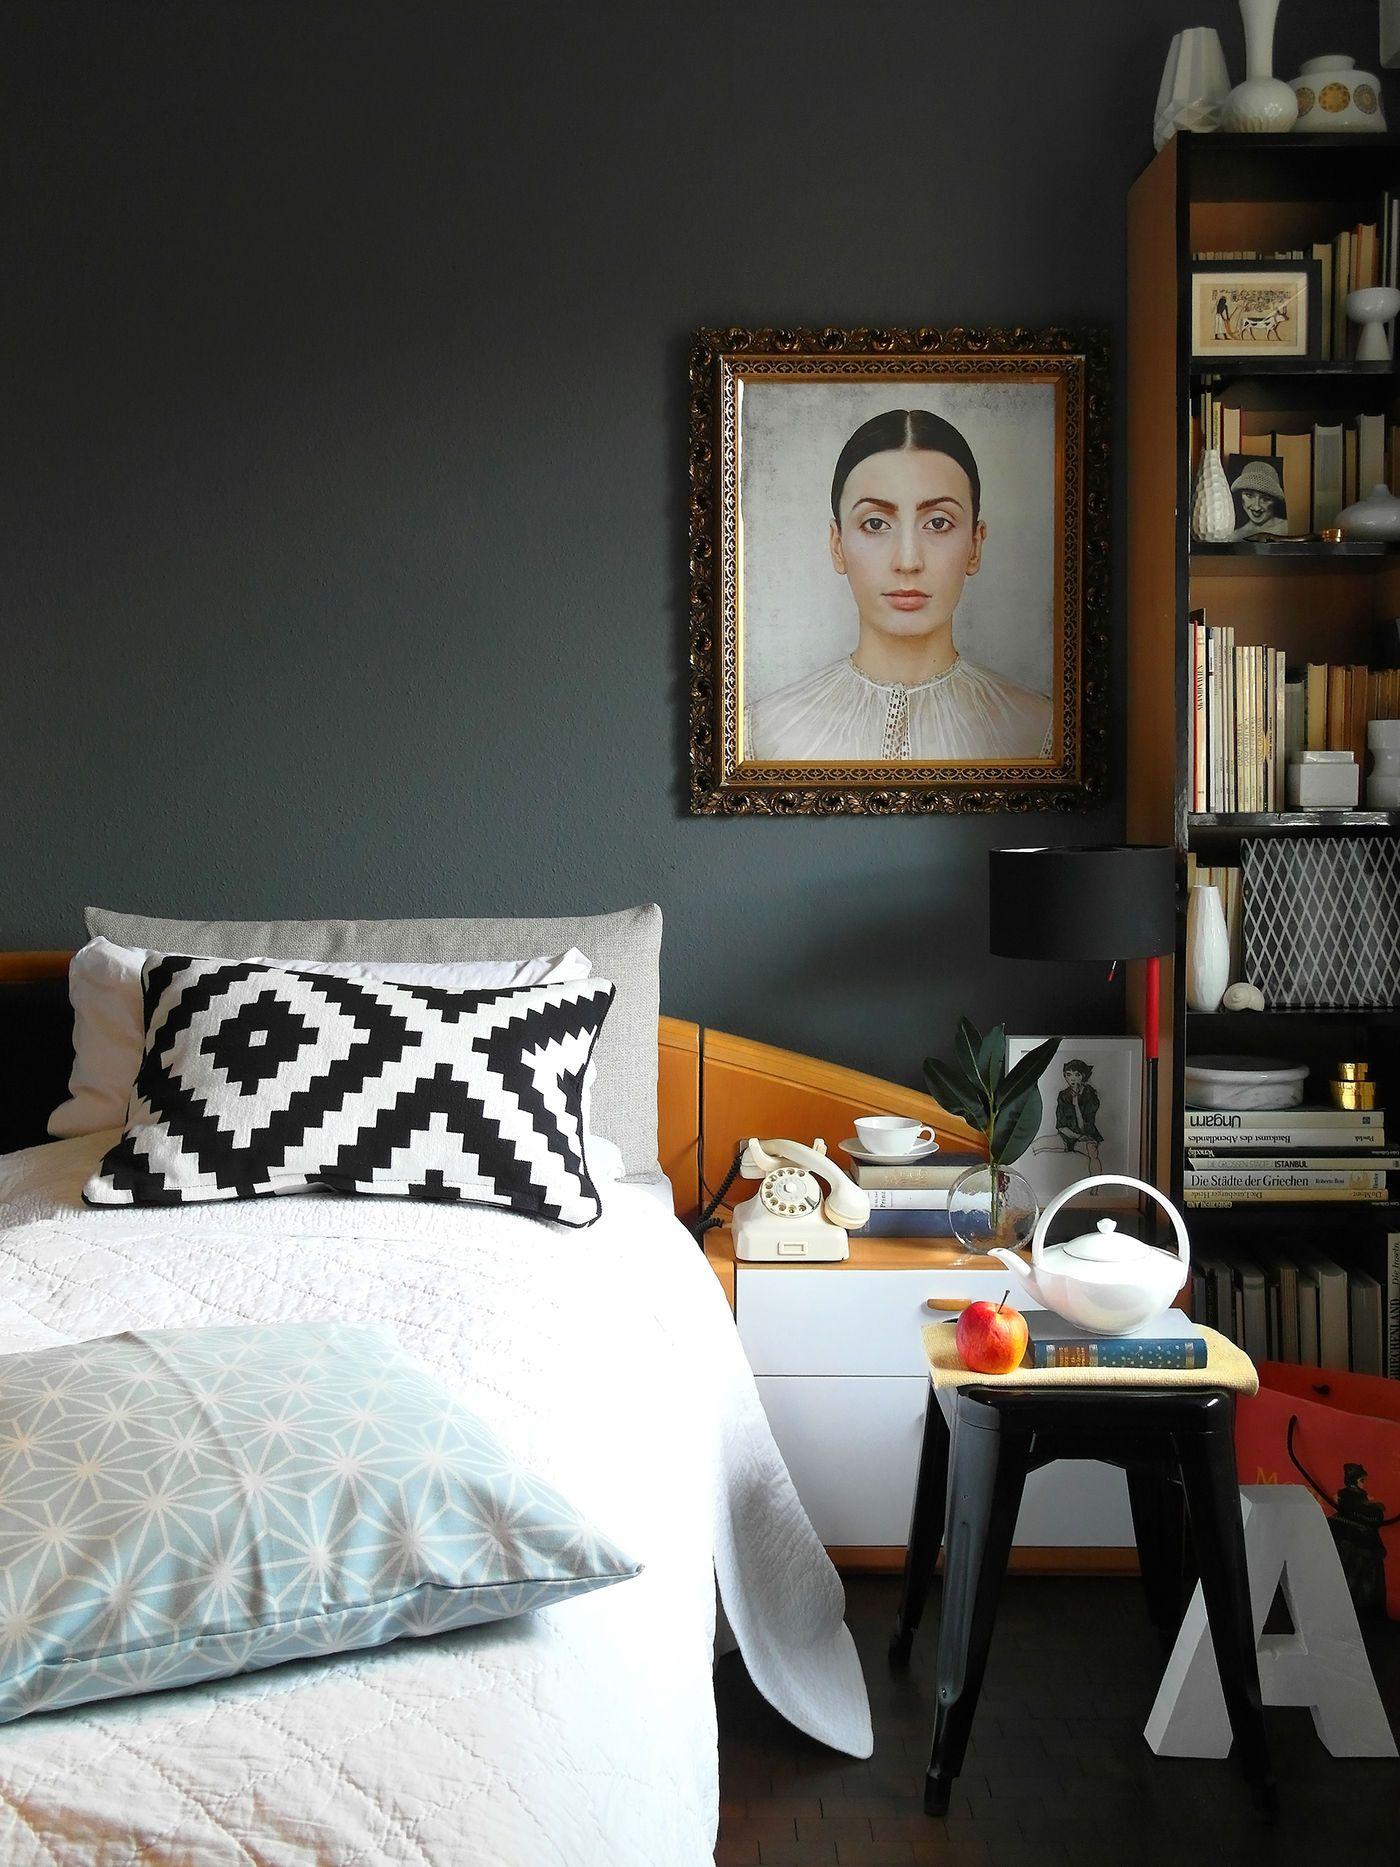 Wandfarbe Schwarz - die besten Ideen für dunkle Wände